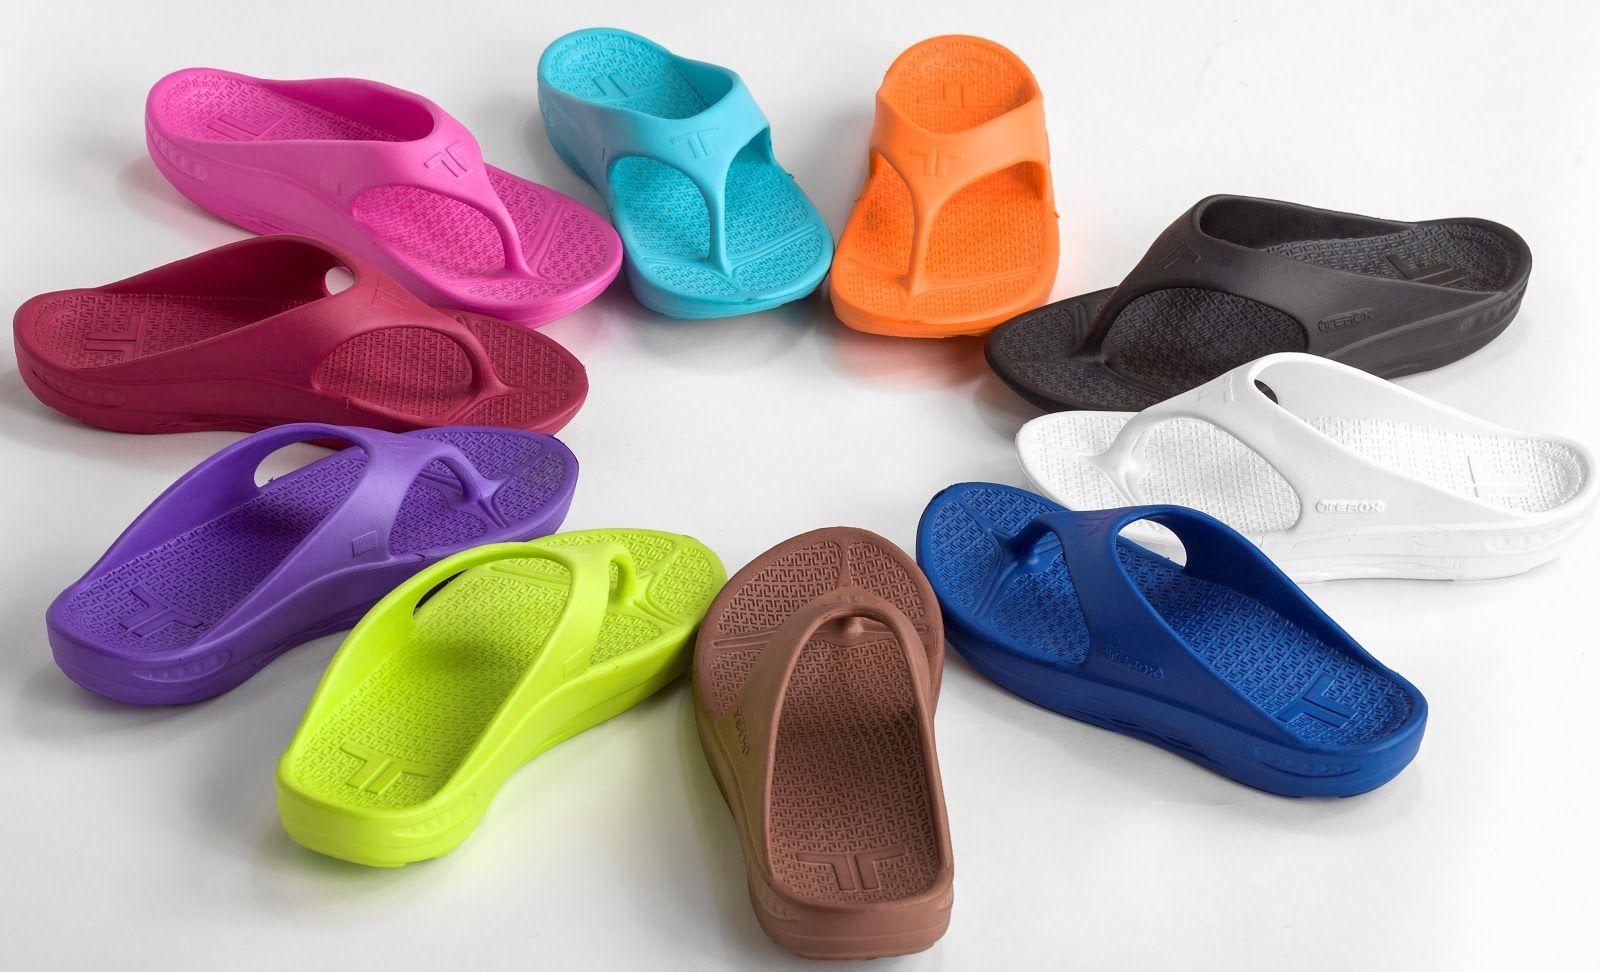 Born 2 impress: Born 2 Impress Holiday Gift Guide- Terox Footwear 5 Winners Open Worldwide Giveaway